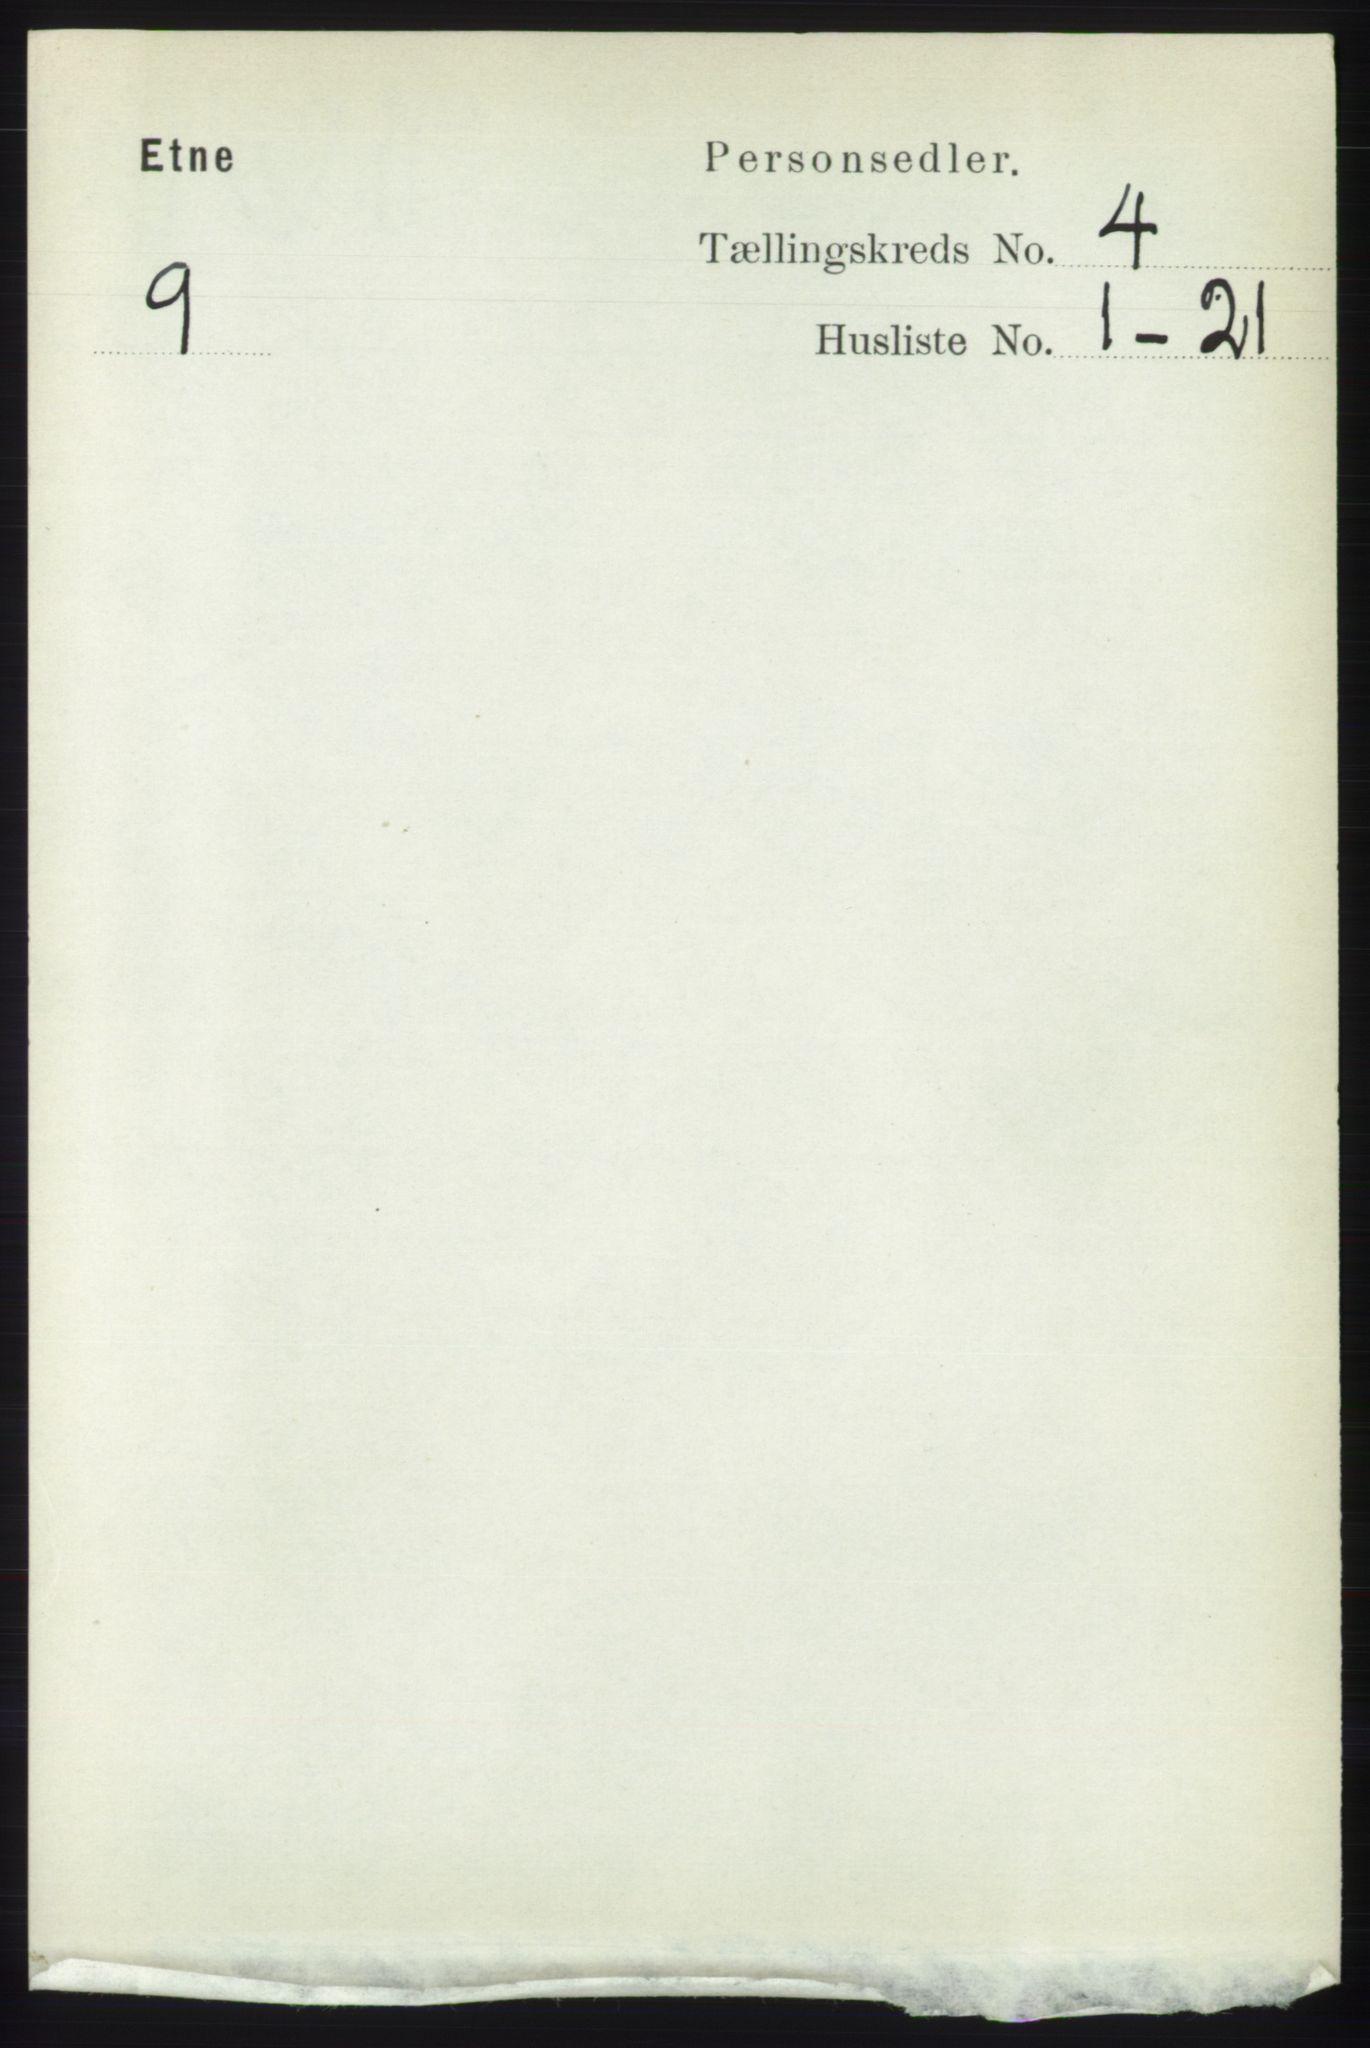 RA, Folketelling 1891 for 1211 Etne herred, 1891, s. 852